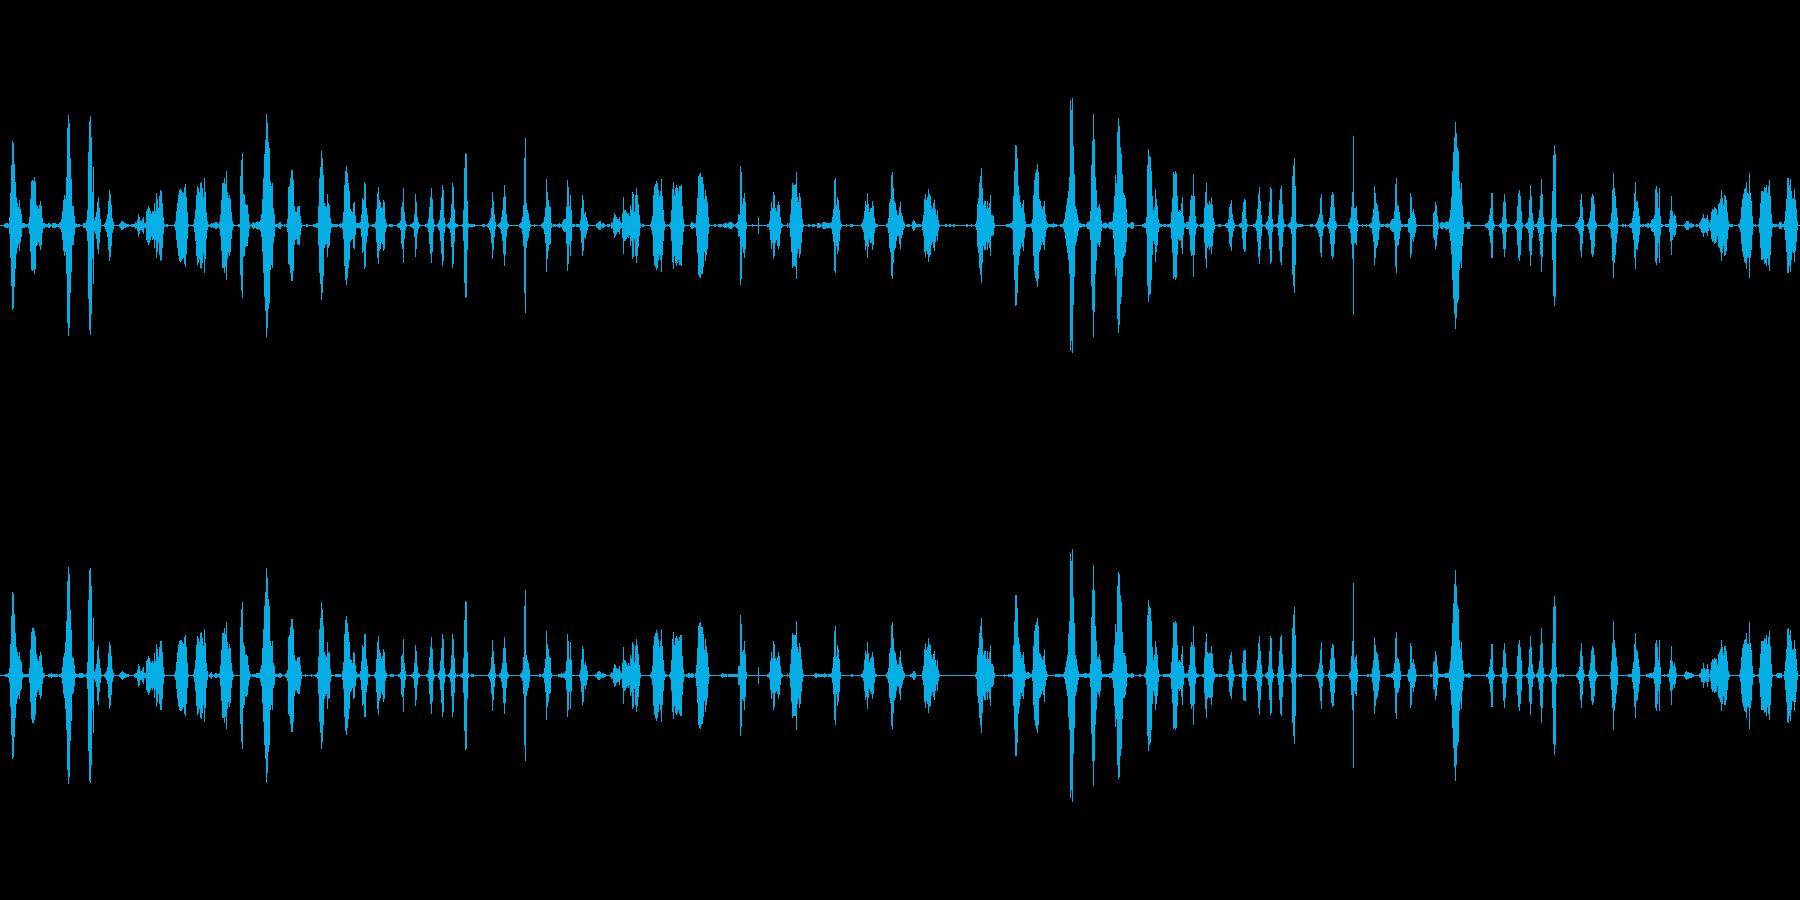 喋ってる声を巻き戻しした音の再生済みの波形